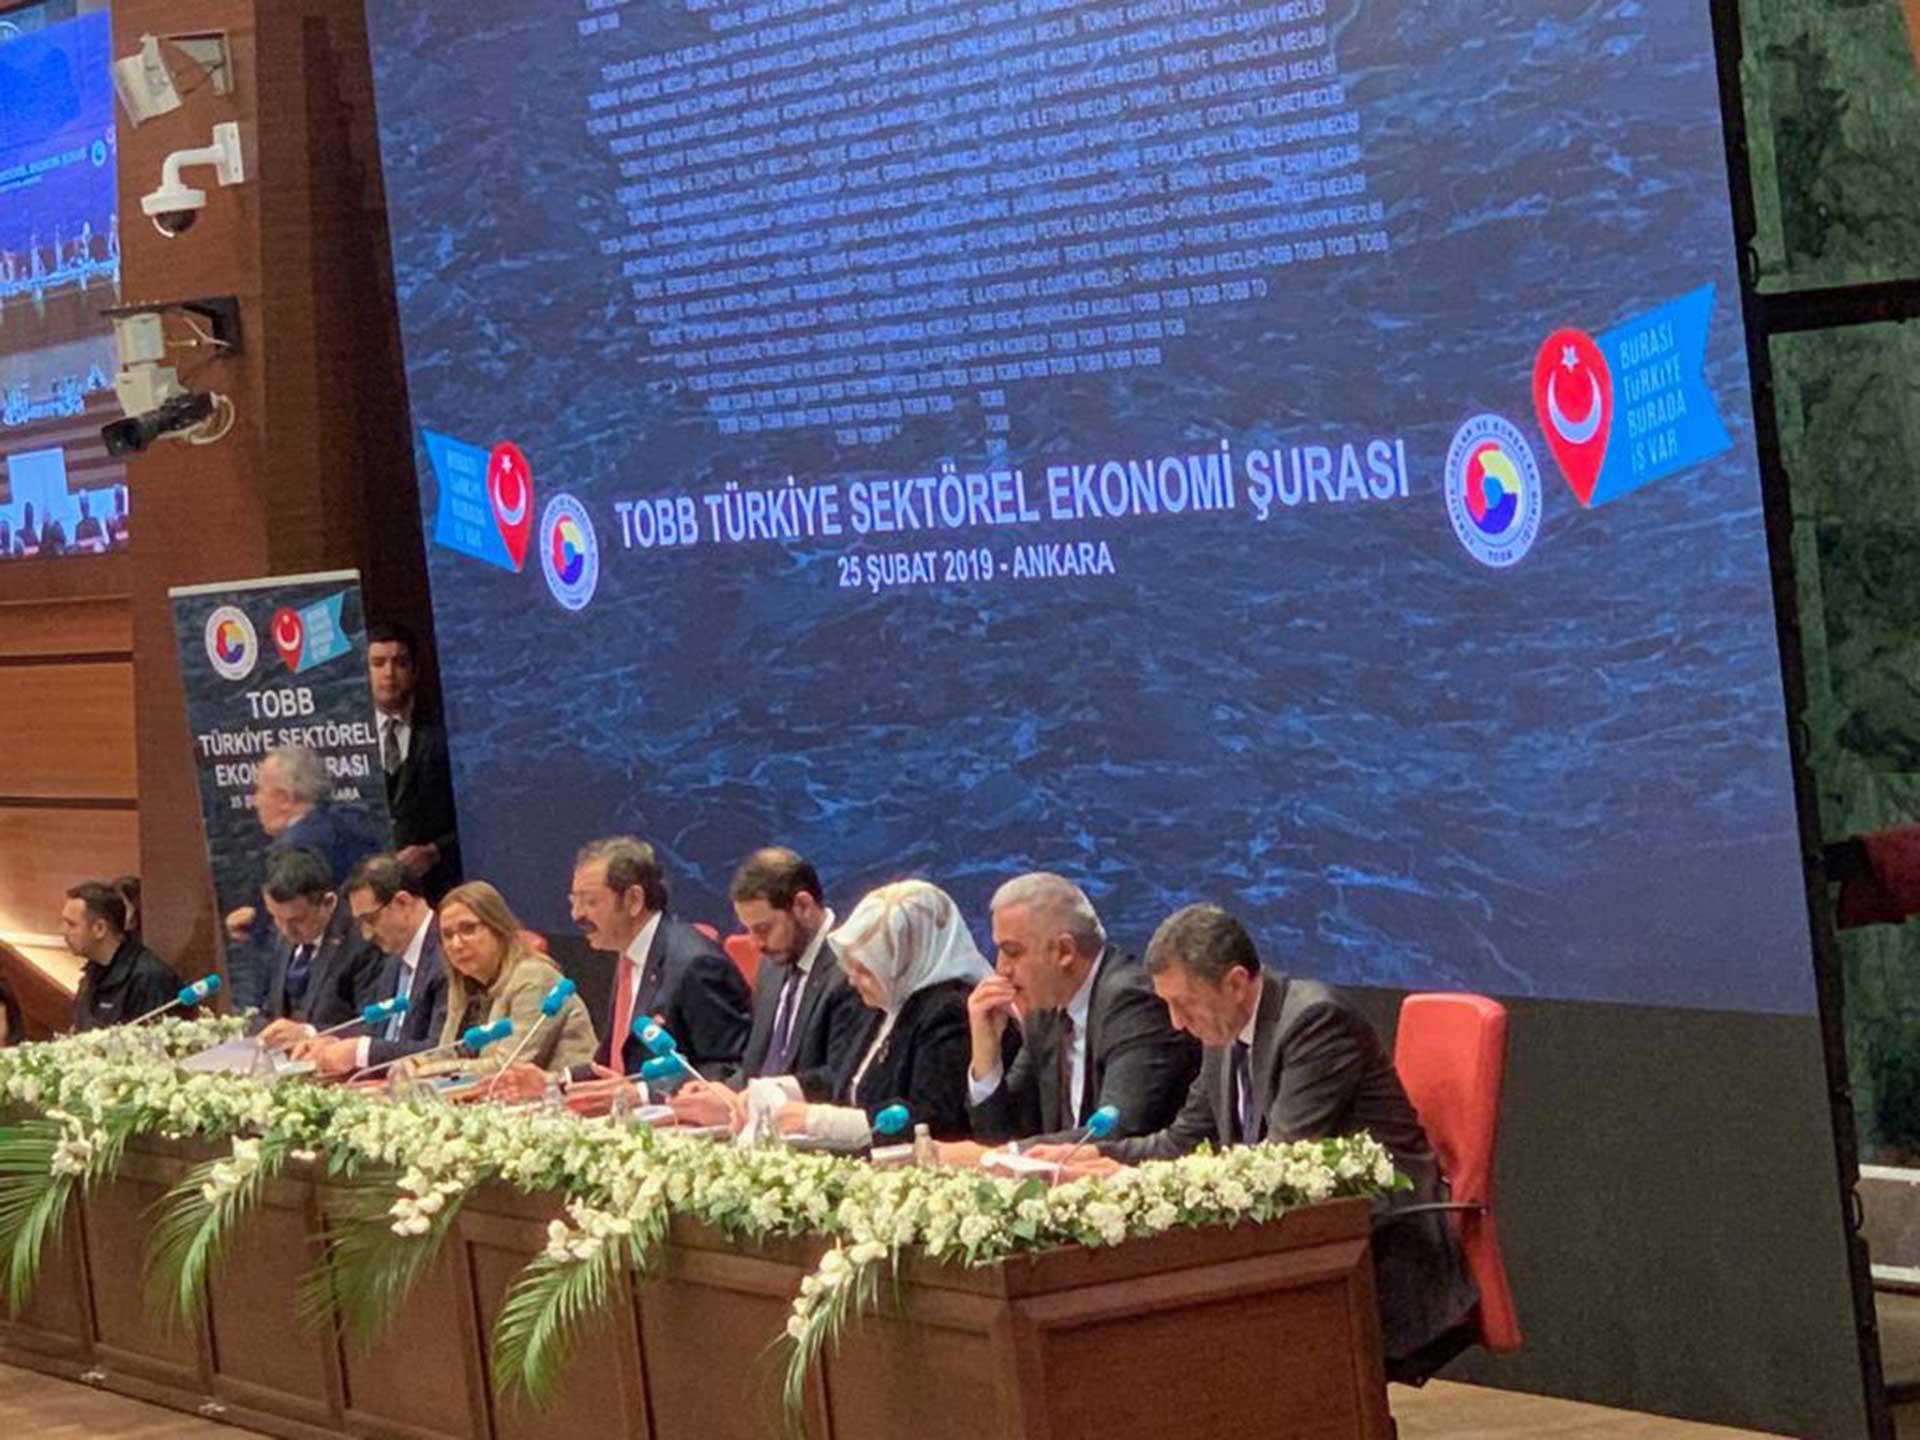 Türkiye Sektörel Ekonomi Şurası Gerçekleştirildi